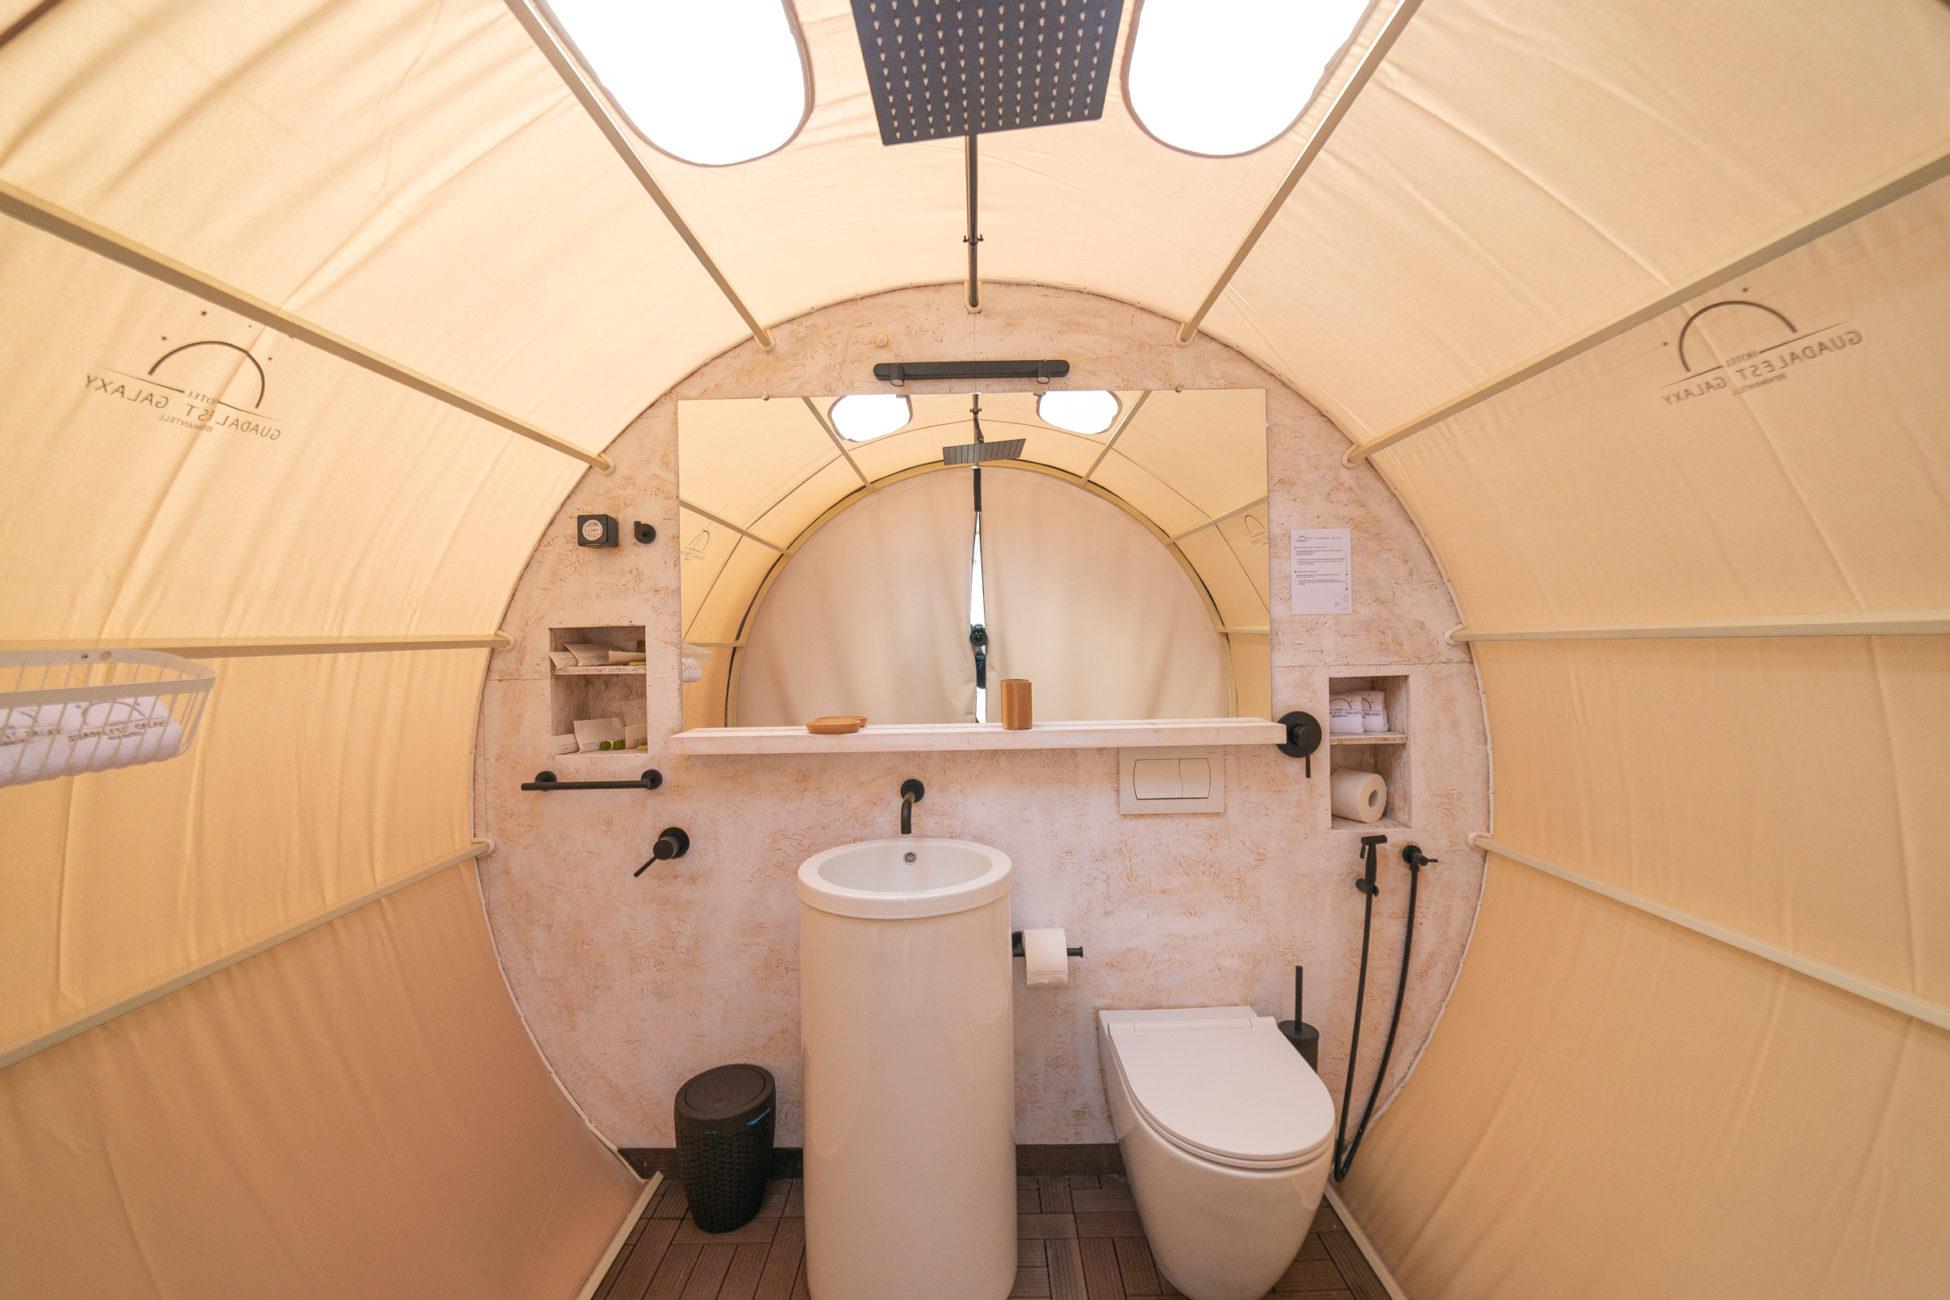 Mercury Bubble Premium Room